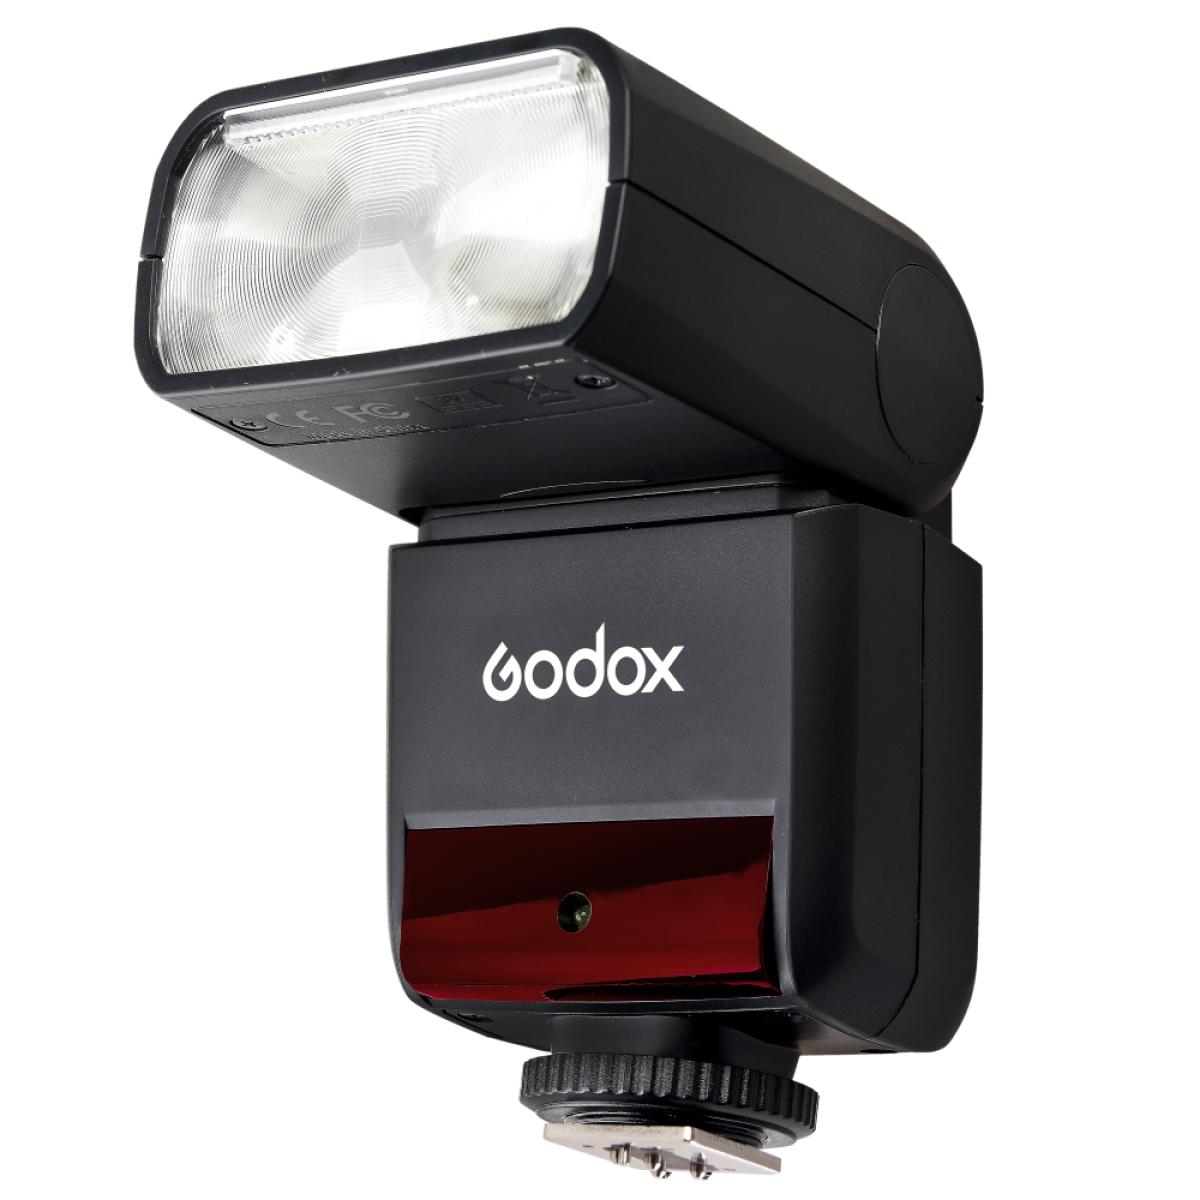 Godox TT350 Canon